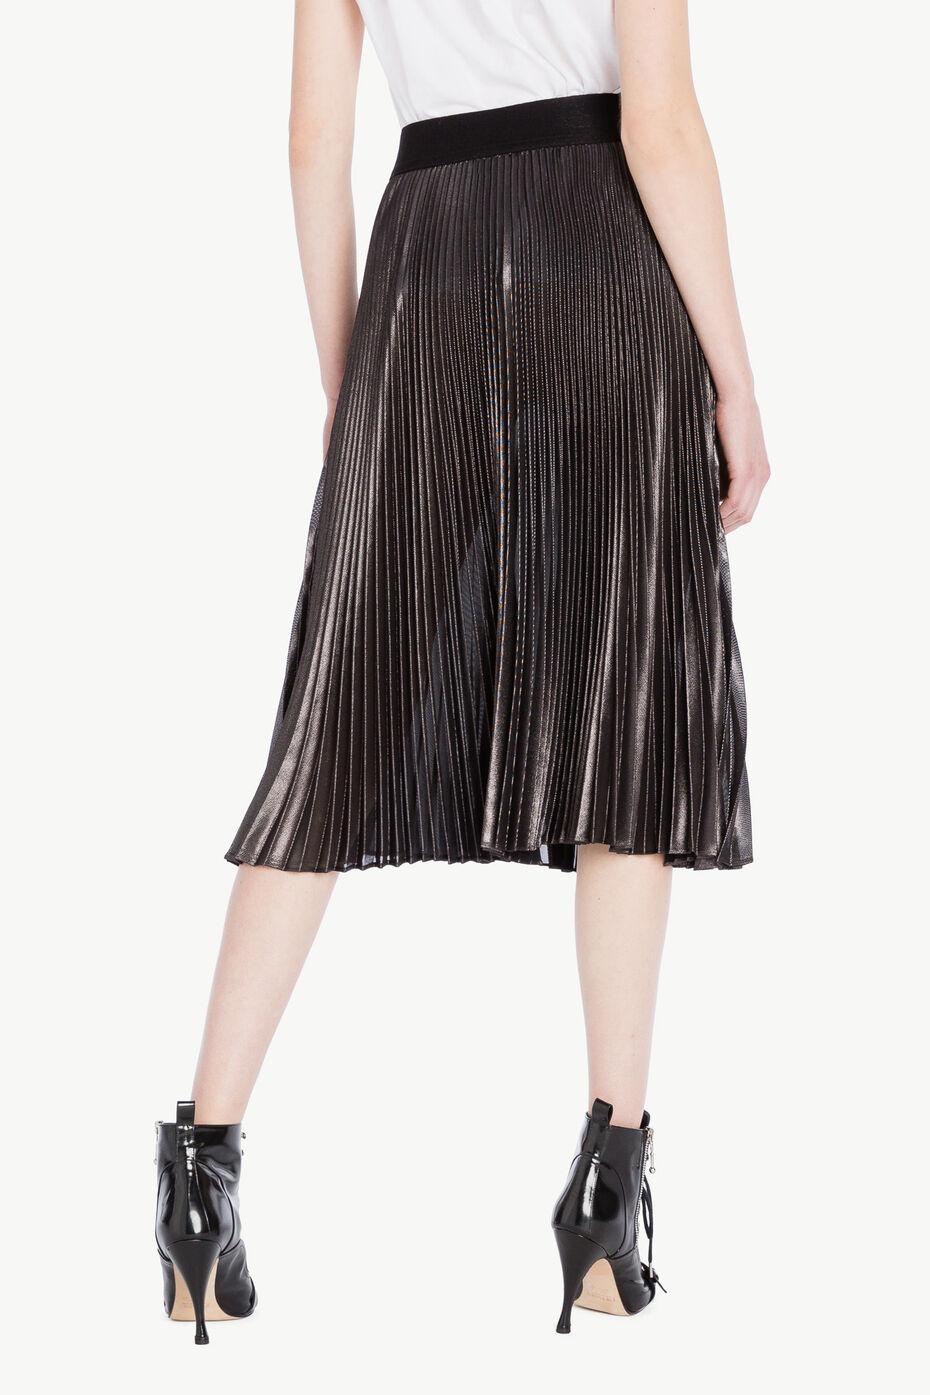 Jupe plissée Noir «Canon de Fusil» Métallisé Femme PS82QN-03